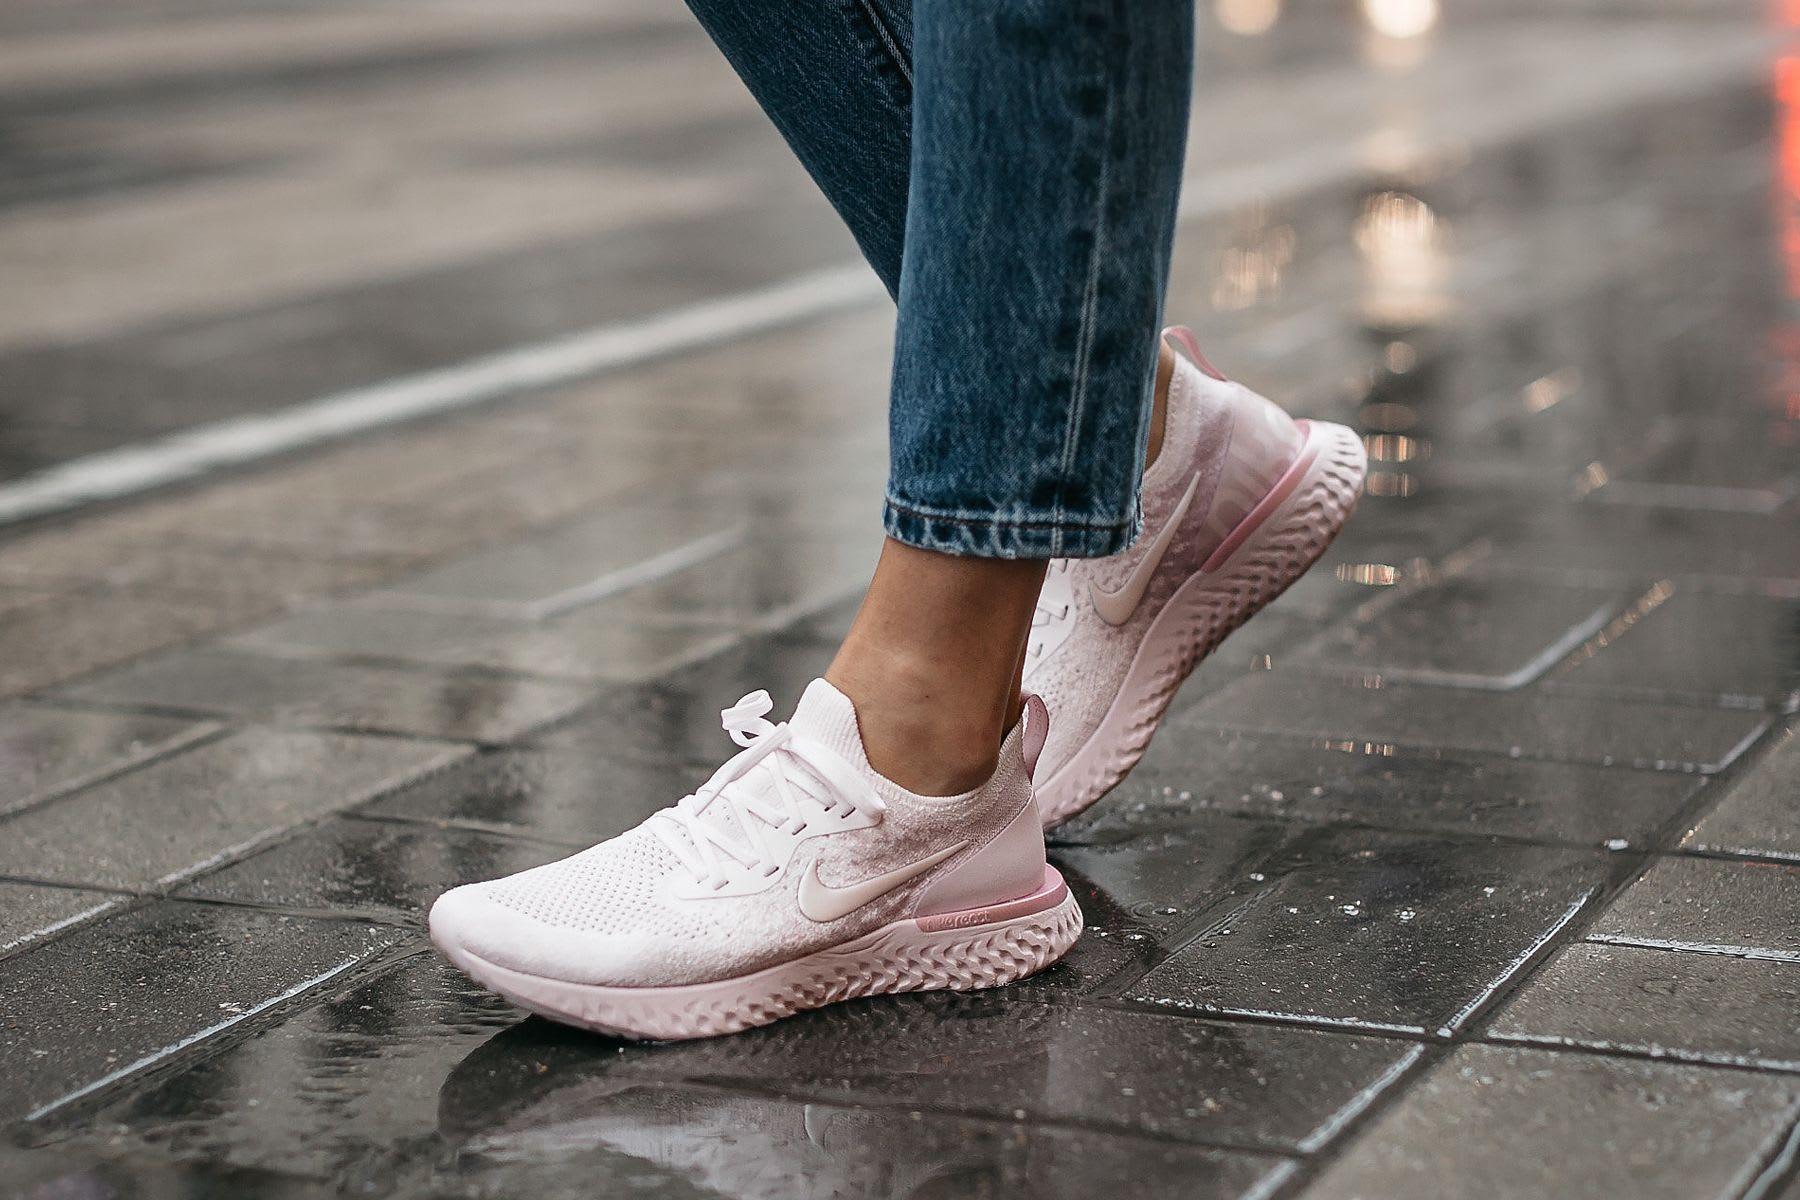 Review Terbaik 10 Sepatu Nike Wanita di Indonesia 2019 ... d9d7e81a64